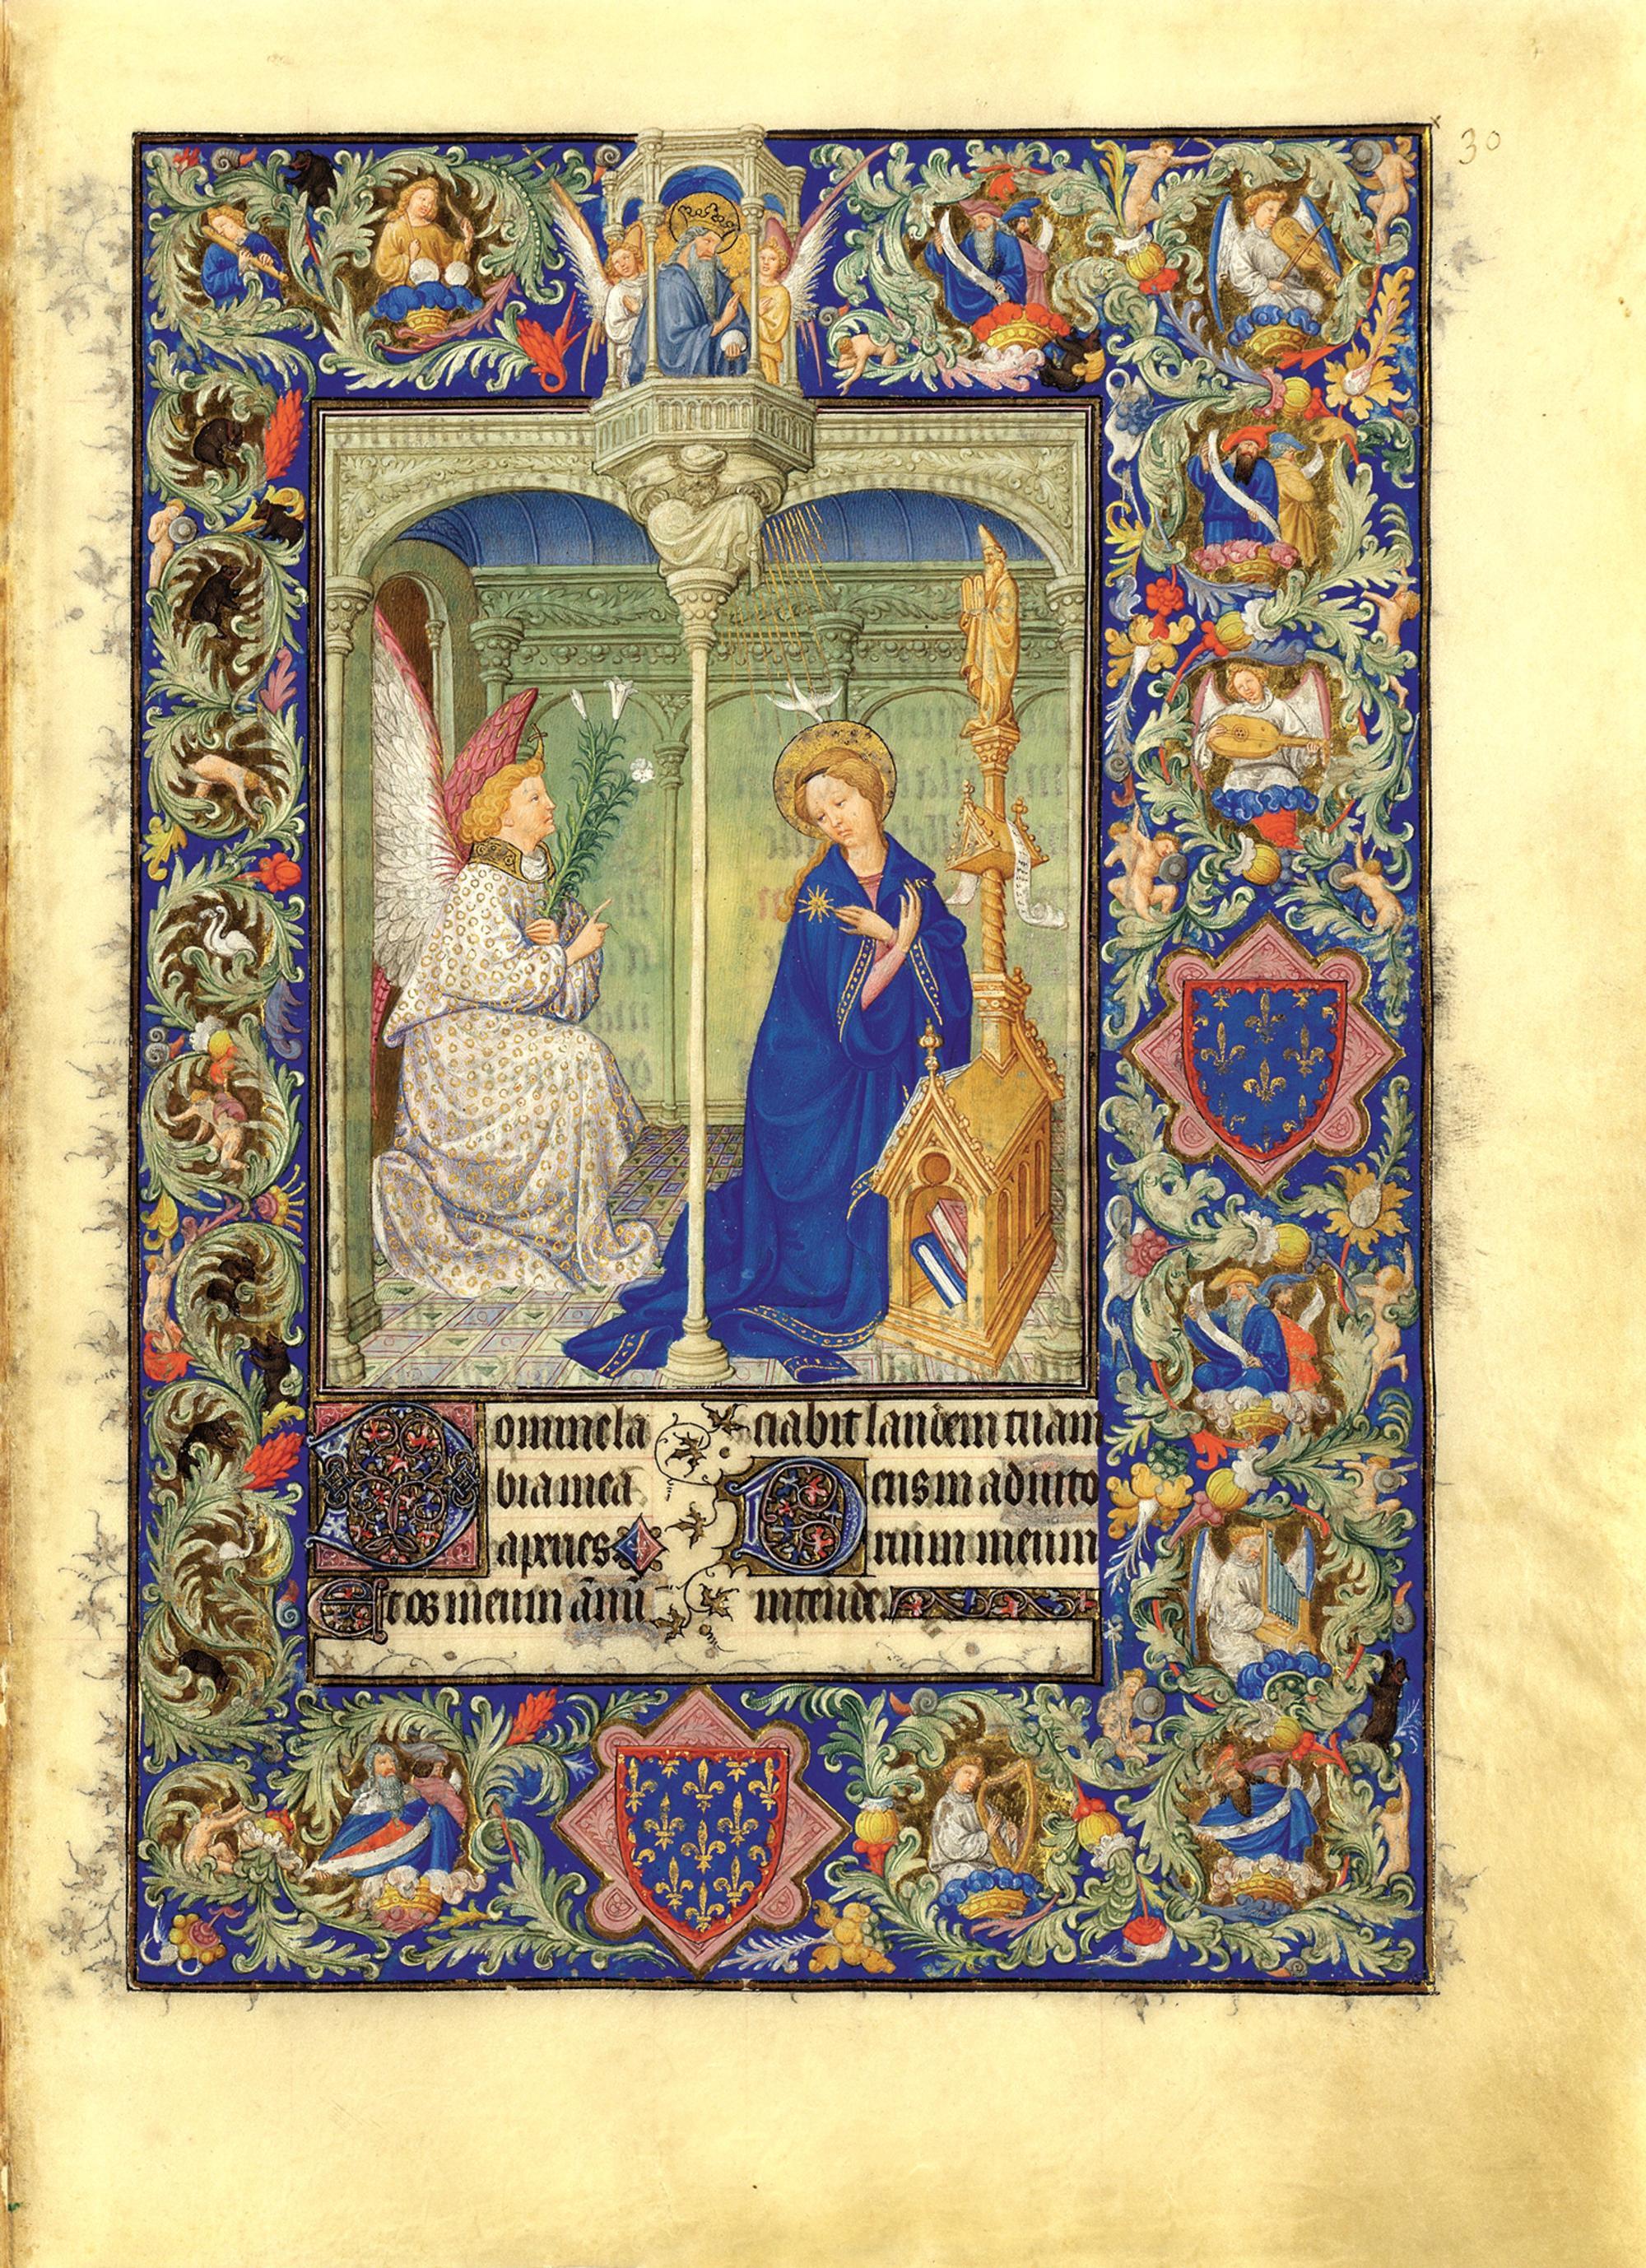 Annonciation Belles heures de jean du berry folio 30r MET